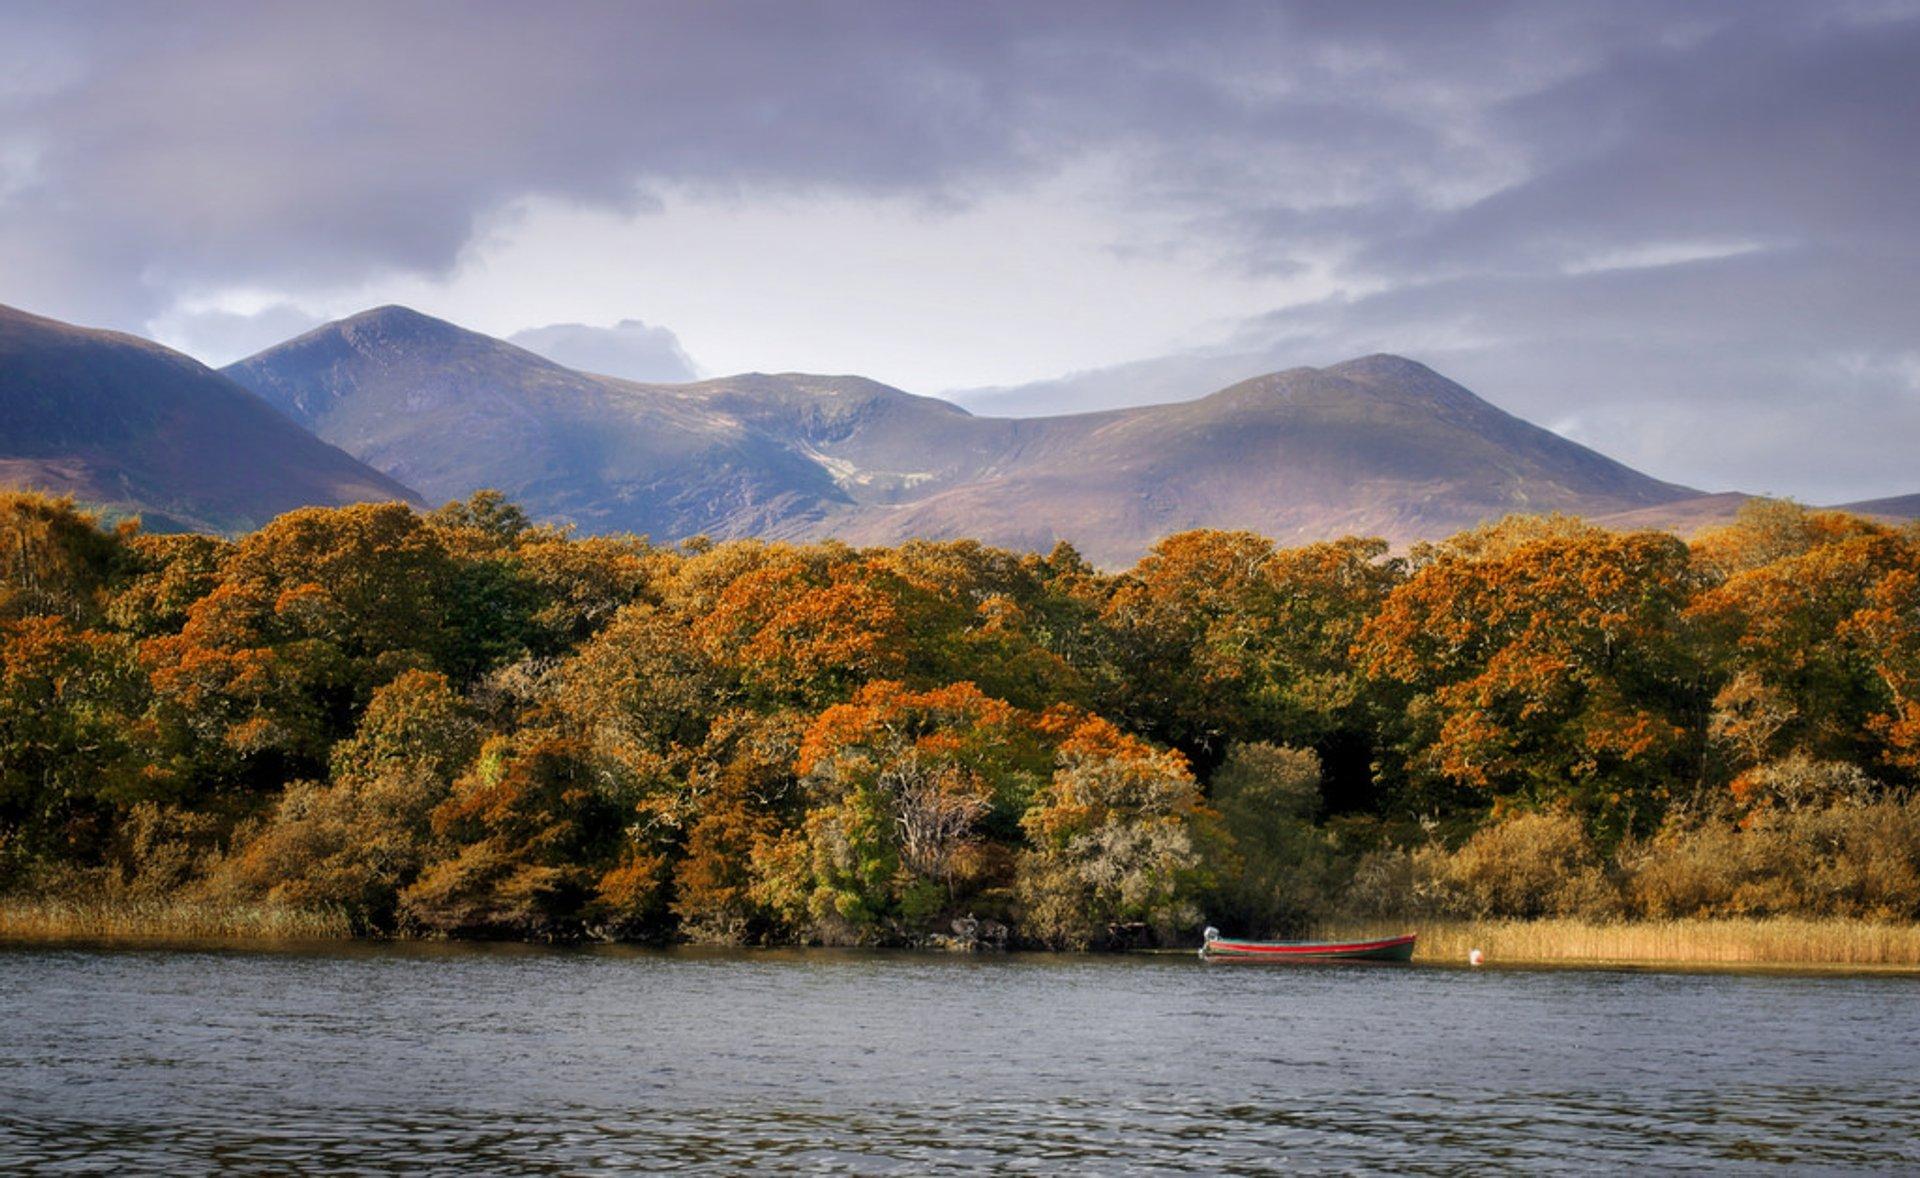 Autumn in Ireland 2019 - Best Time